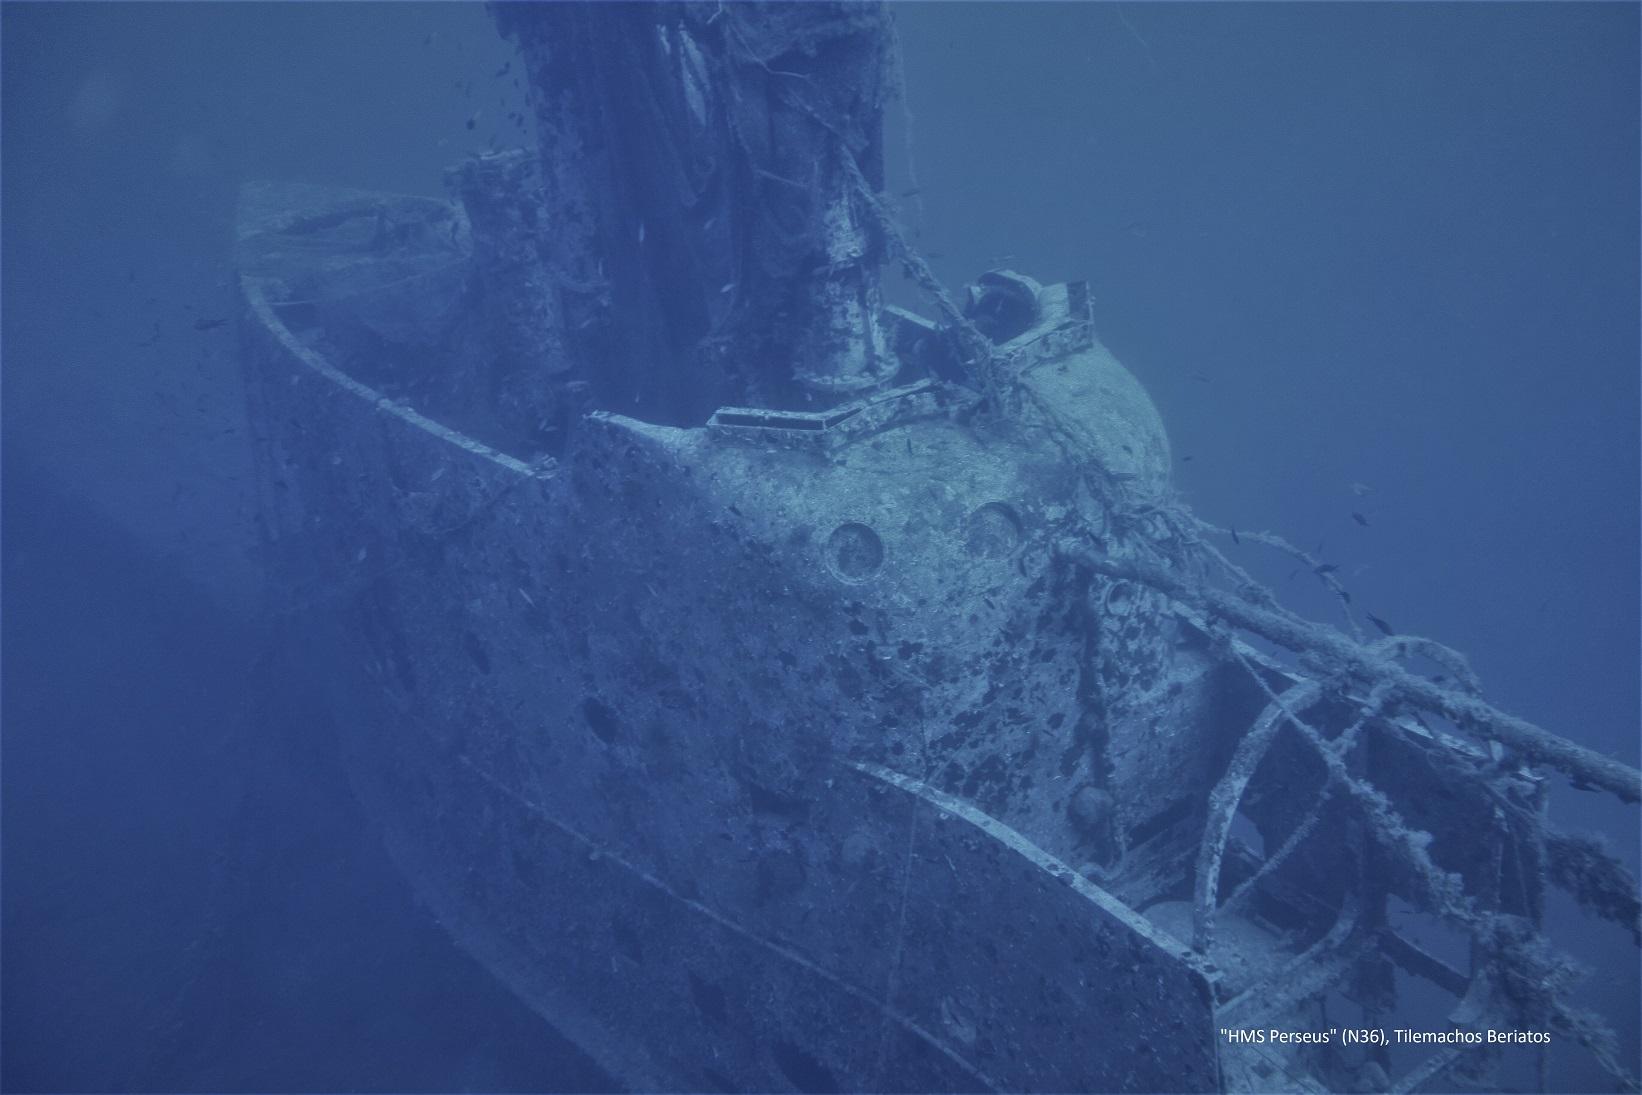 1. Υποβρύχιο HMS Perseus Κεφαλονιά φωτο Τ.Μπεριάτος 2019